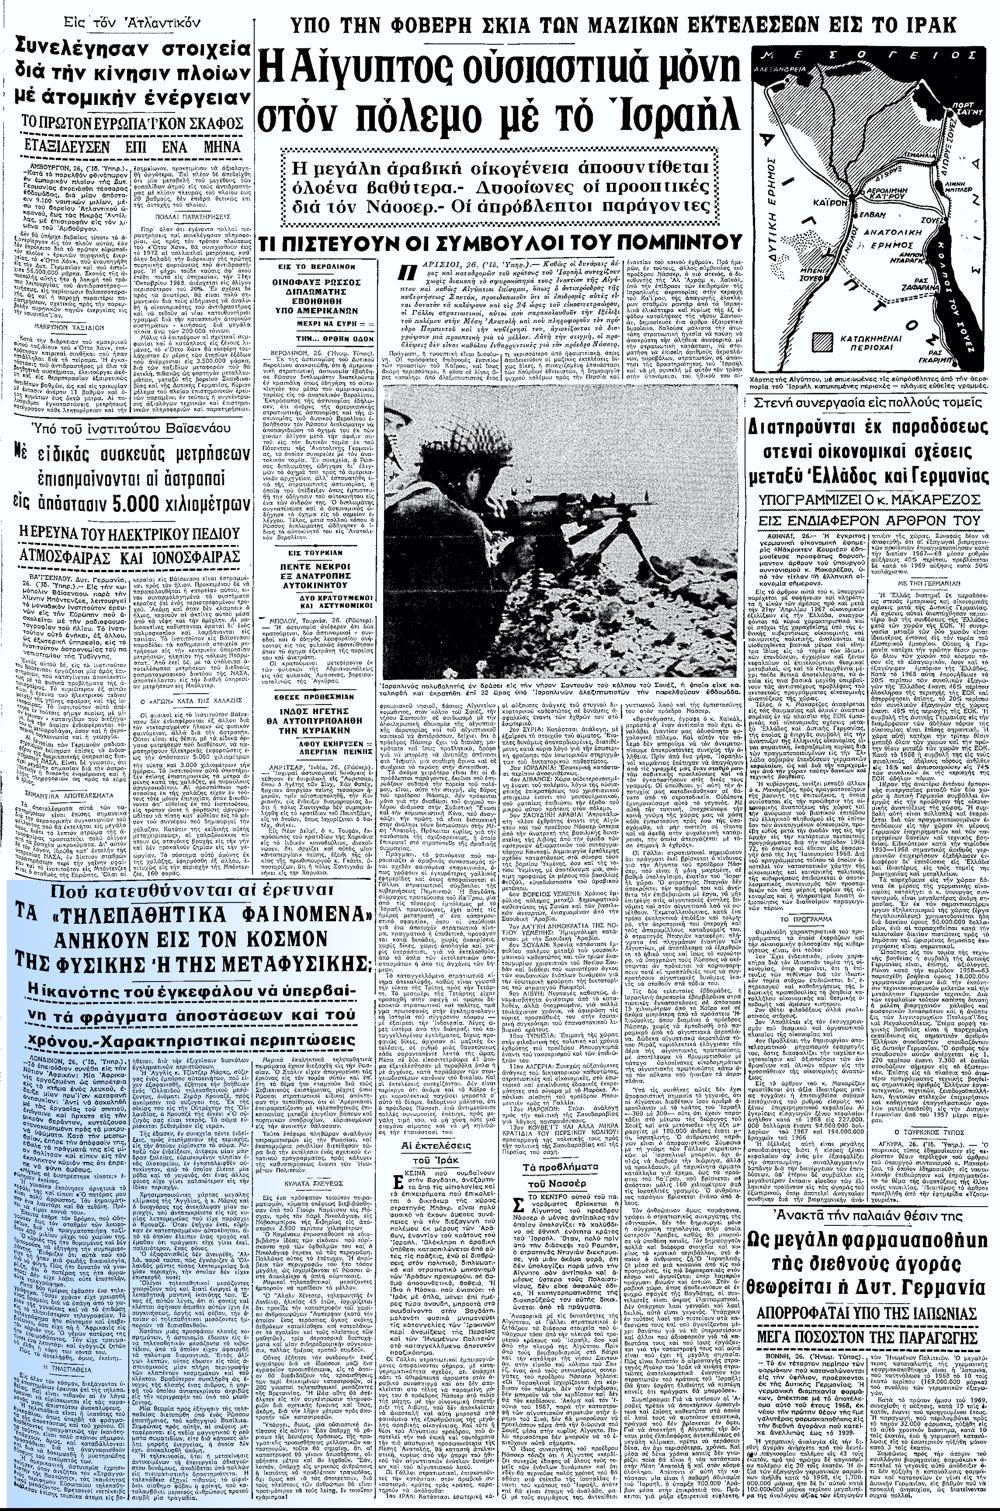 """Το άρθρο, όπως δημοσιεύθηκε στην εφημερίδα """"ΜΑΚΕΔΟΝΙΑ"""", στις 27/01/1970"""